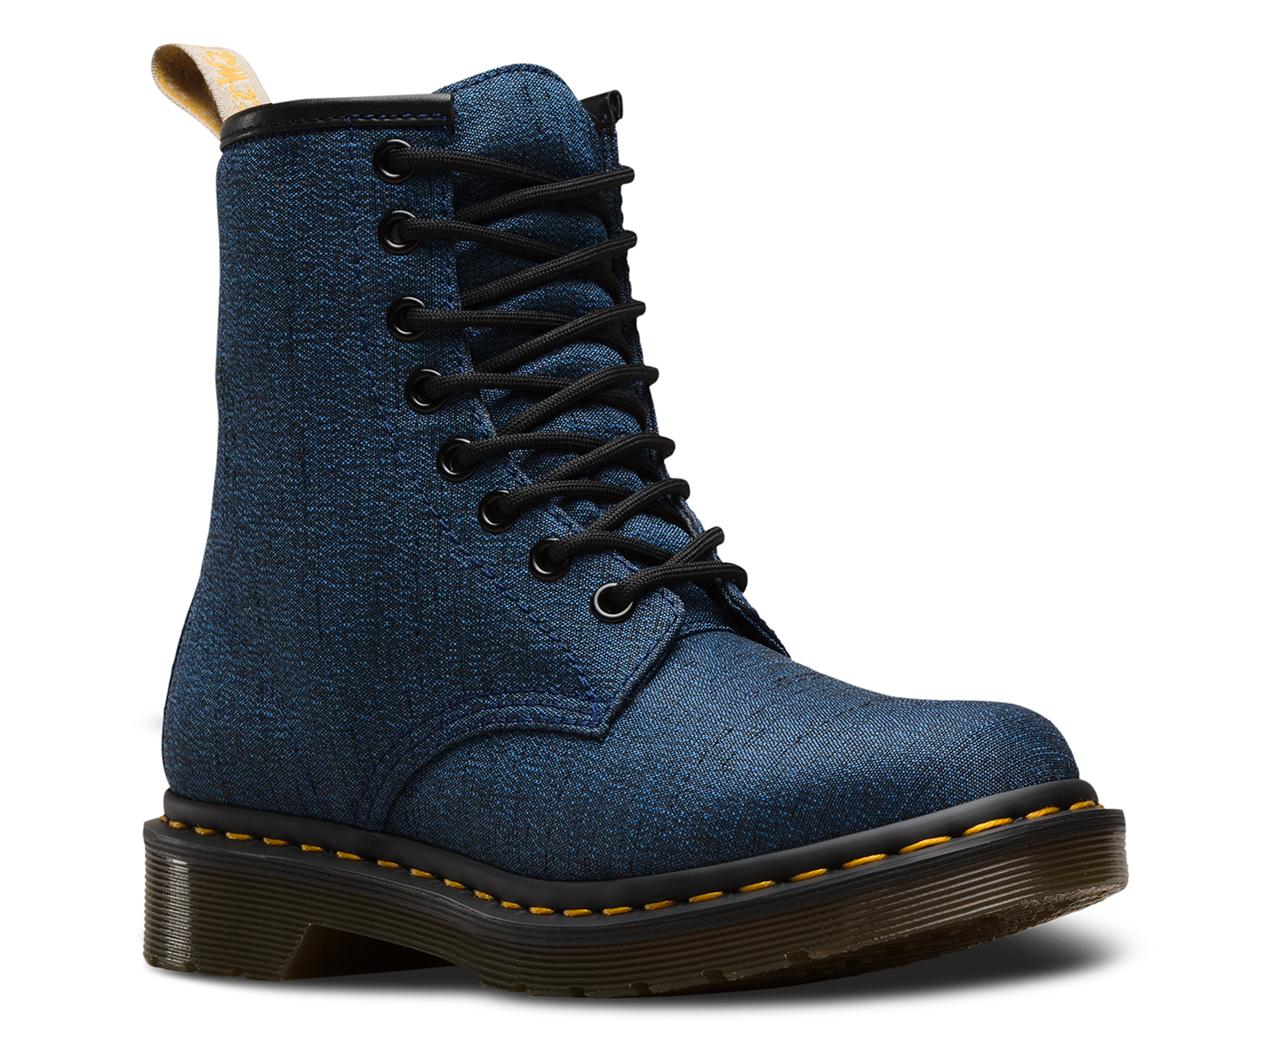 Vegan Woven Shoes For Women Textile